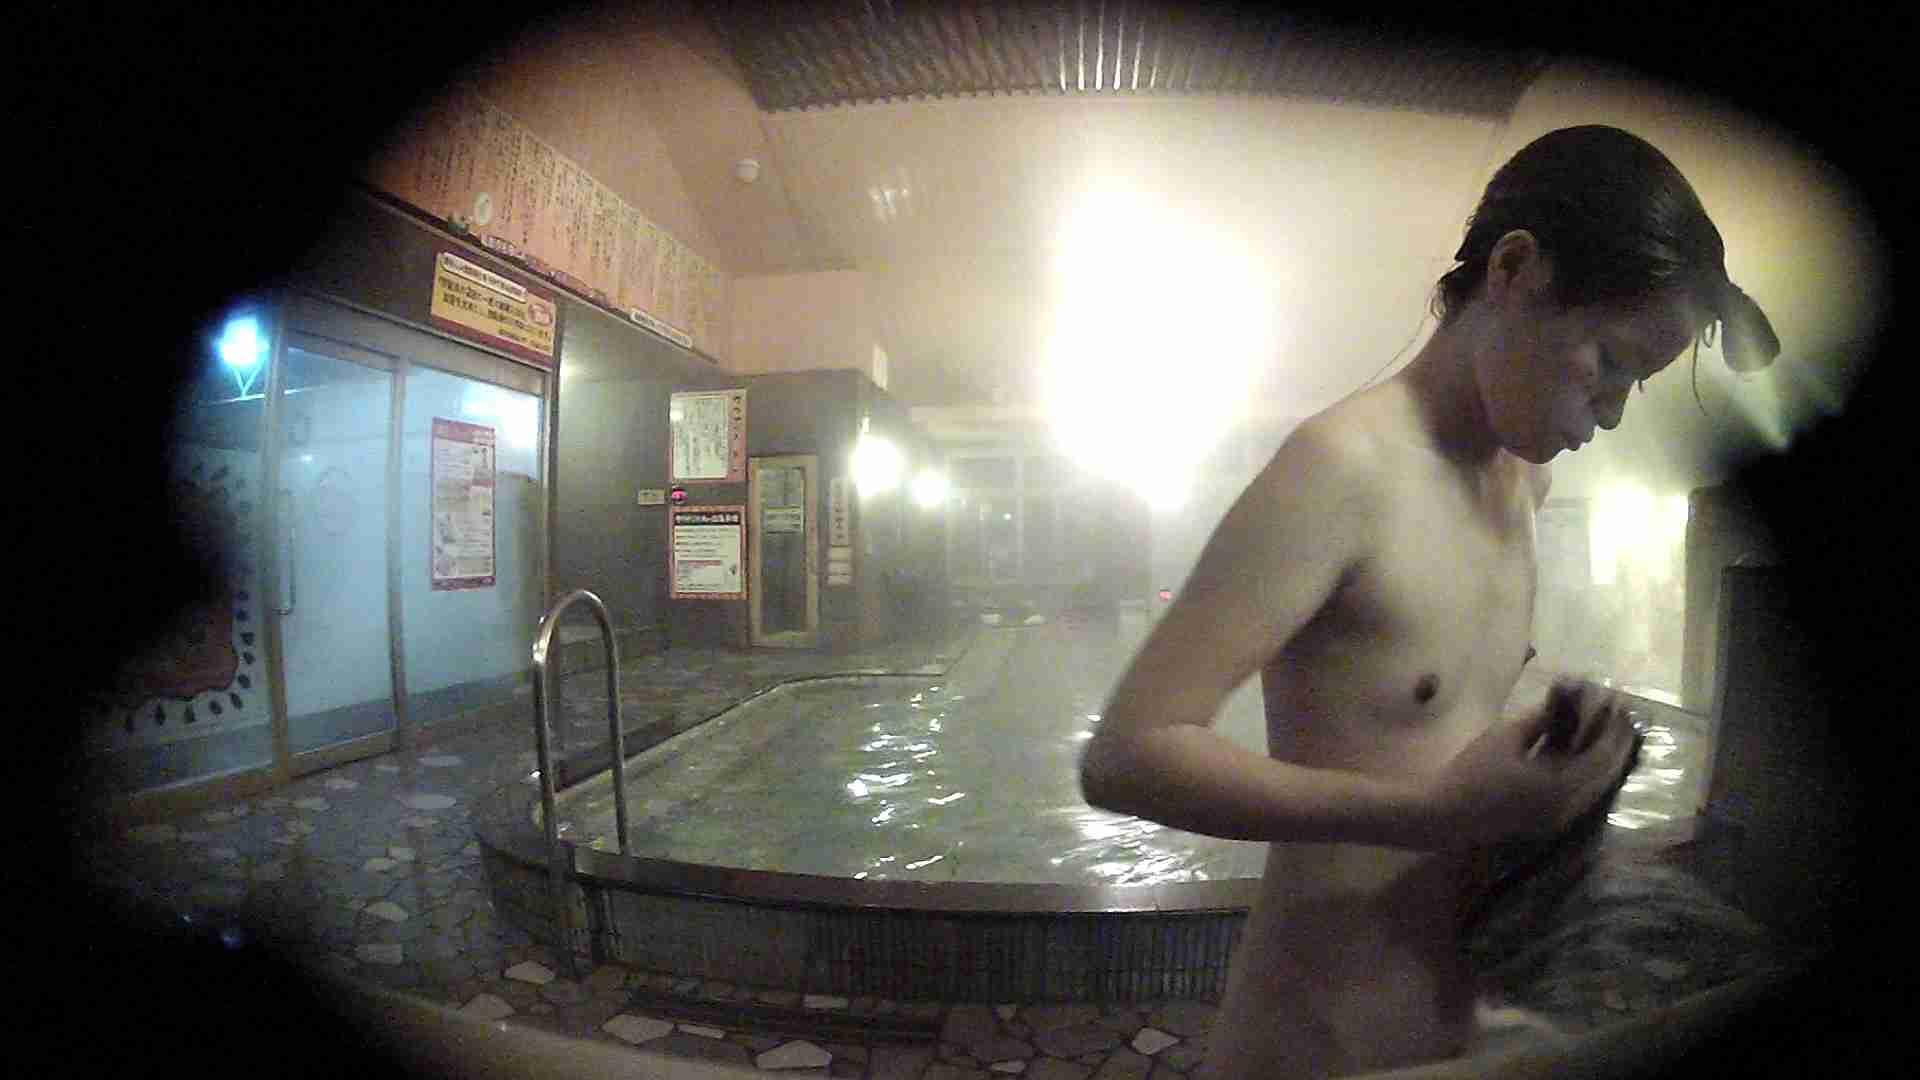 オムニバスVol.5 脱衣所のイケイケギャルがお勧め ギャル盗撮映像 | OLのボディ  97PIX